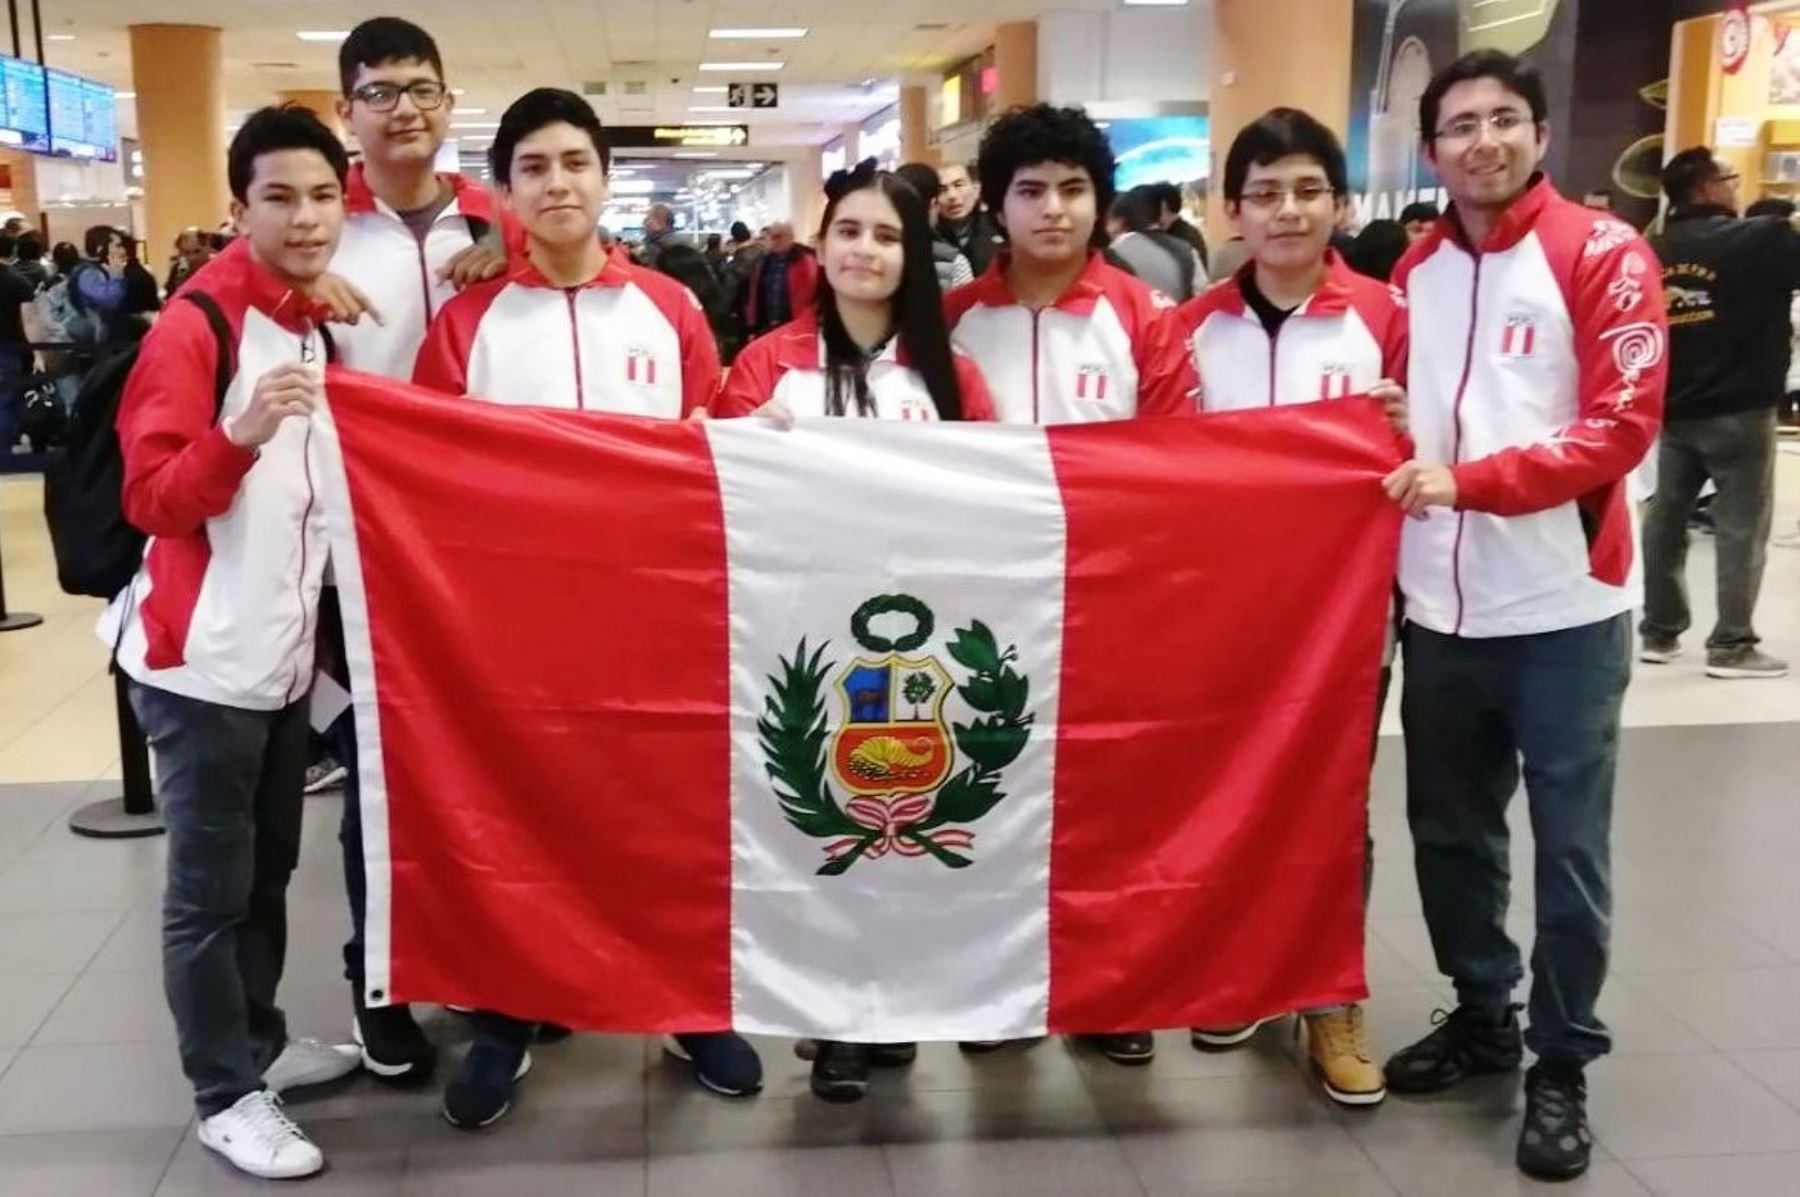 Minedu desea muchos éxitos a escolares que competirán en Olimpiada de Matemáticas. Foto: ANDINA/Difusión.